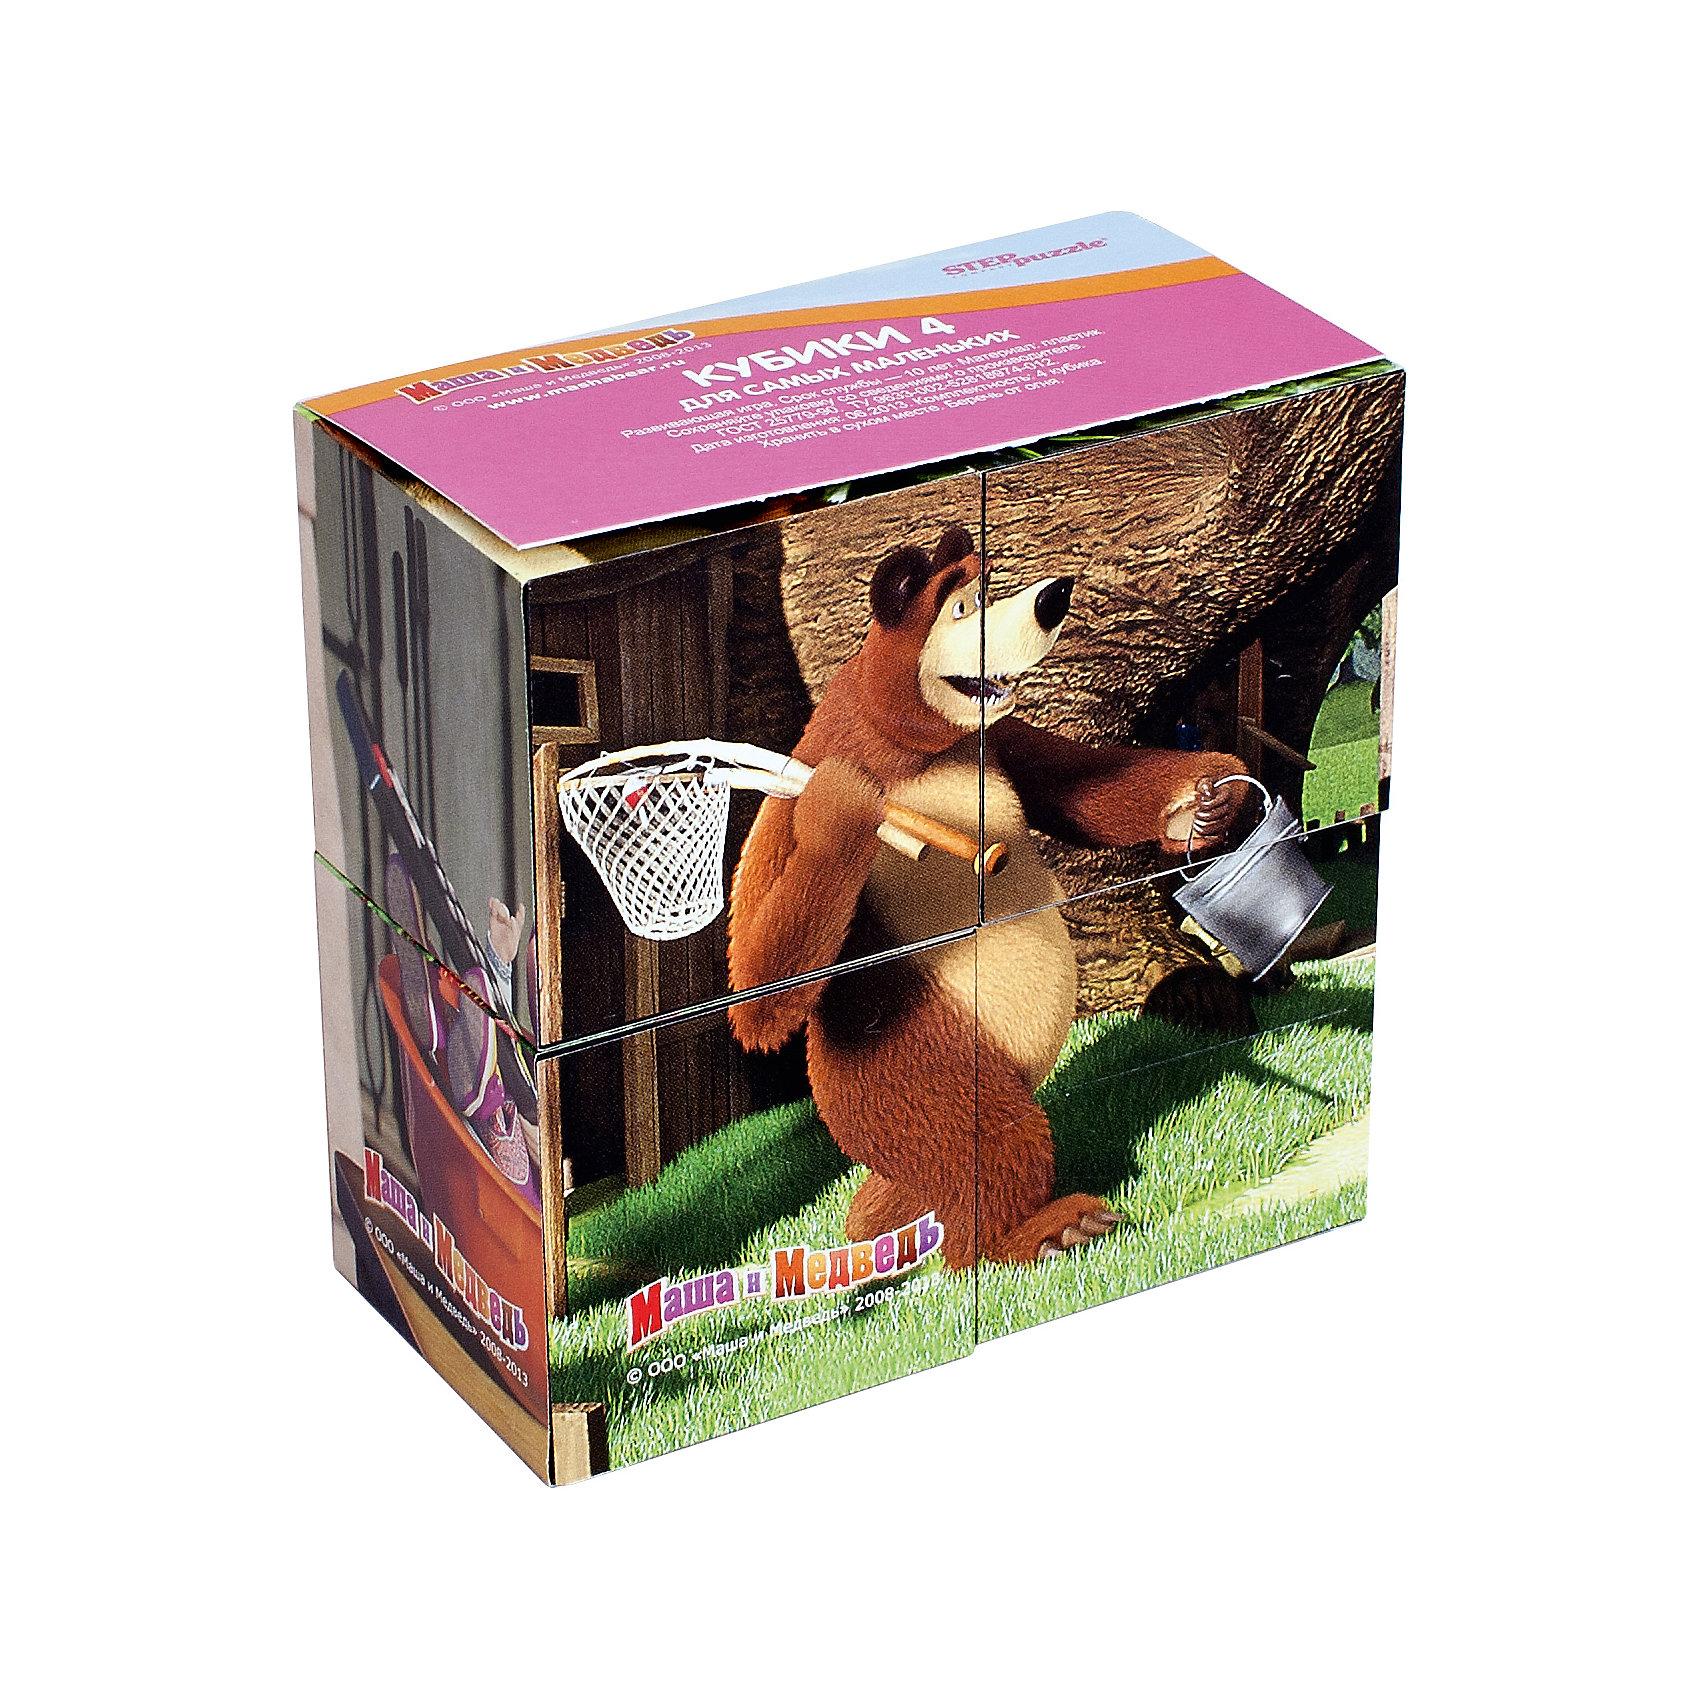 Кубики Маша и Медведь, 4 шт, Step PuzzleПопулярные игрушки<br>Кубики Маша и Медведь, 4 шт, Step Puzzle (Степ Пазл) - это кубики с яркими запоминающимися картинками.<br>Красочный набор кубиков с иллюстрациями к мультсериалу «Маша и Медведь» специально разработан для самых маленьких.  Из 4 кубиков можно составить 6 разных сюжетов из любимого мультфильма. Кубики изготовлены из легкого прочного пластика. Кубики – это увлекательная игра и полезное занятие, развивающее логику, мелкую моторику, внимание и мышление малыша. Кроме того, занятия с кубиками помогают малышу усвоить такие важные понятия как часть и целое.<br><br>Дополнительная информация:<br><br>- В наборе: 4 кубика<br>- Материал: пластик<br>- Сторона кубика: 4 см.<br>- Размер готовой картинки: 8х8 см.<br>- Упаковка: картонная коробка<br>- Размер упаковки: 80x40x80 мм.<br><br>Кубики Маша и Медведь, 4 шт, Step Puzzle (Степ Пазл) можно купить в нашем интернет-магазине.<br><br>Ширина мм: 80<br>Глубина мм: 40<br>Высота мм: 80<br>Вес г: 400<br>Возраст от месяцев: 12<br>Возраст до месяцев: 60<br>Пол: Унисекс<br>Возраст: Детский<br>SKU: 4588241